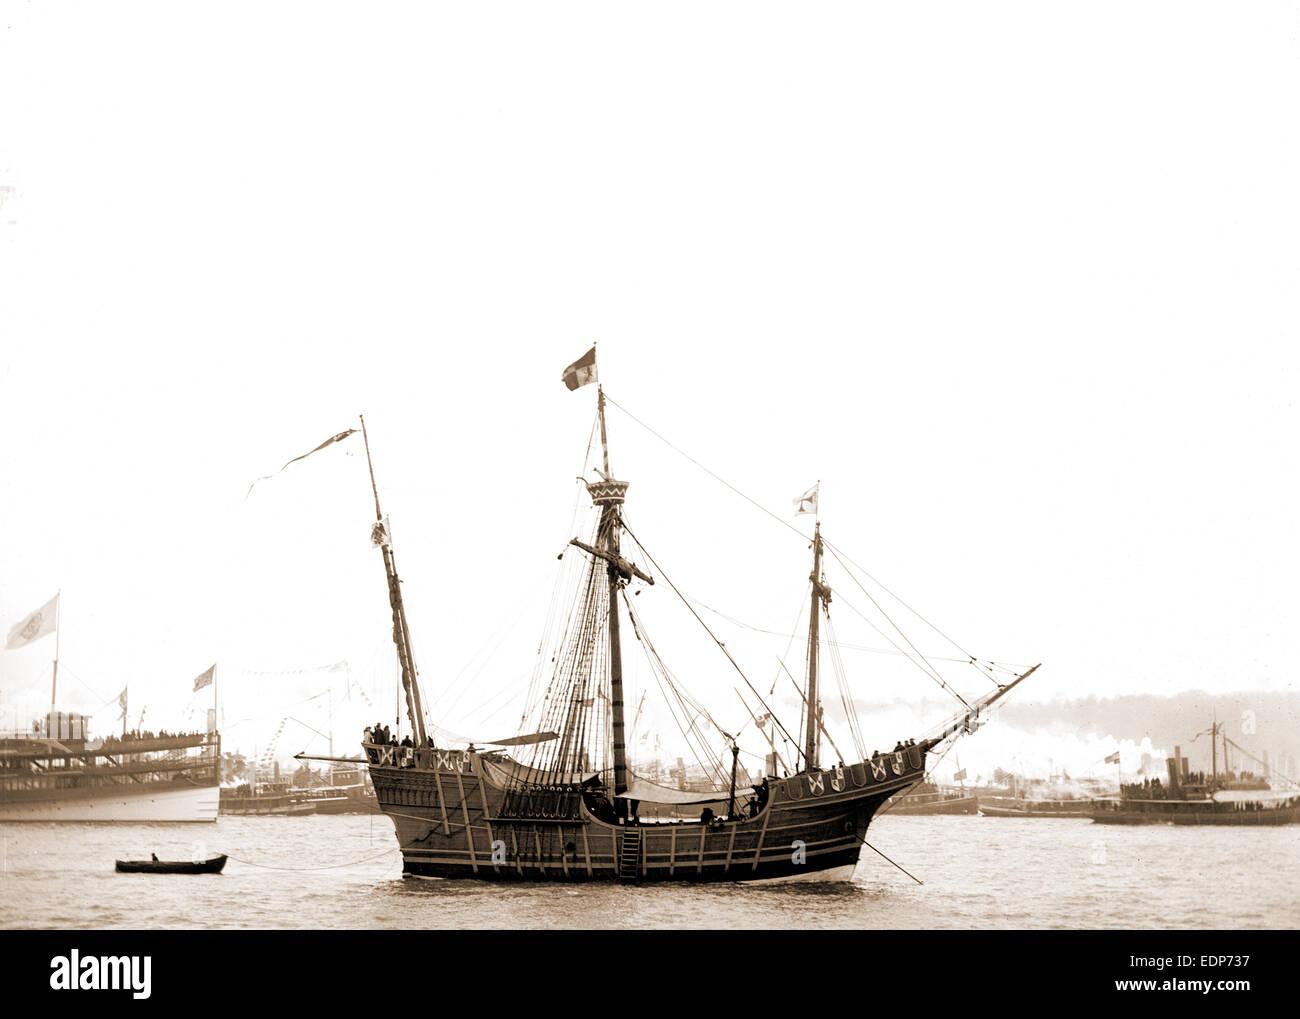 Spanish caravel Santa Maria, Santa Maria (Sailing ship : Replica), Ships, 1892 - Stock Image